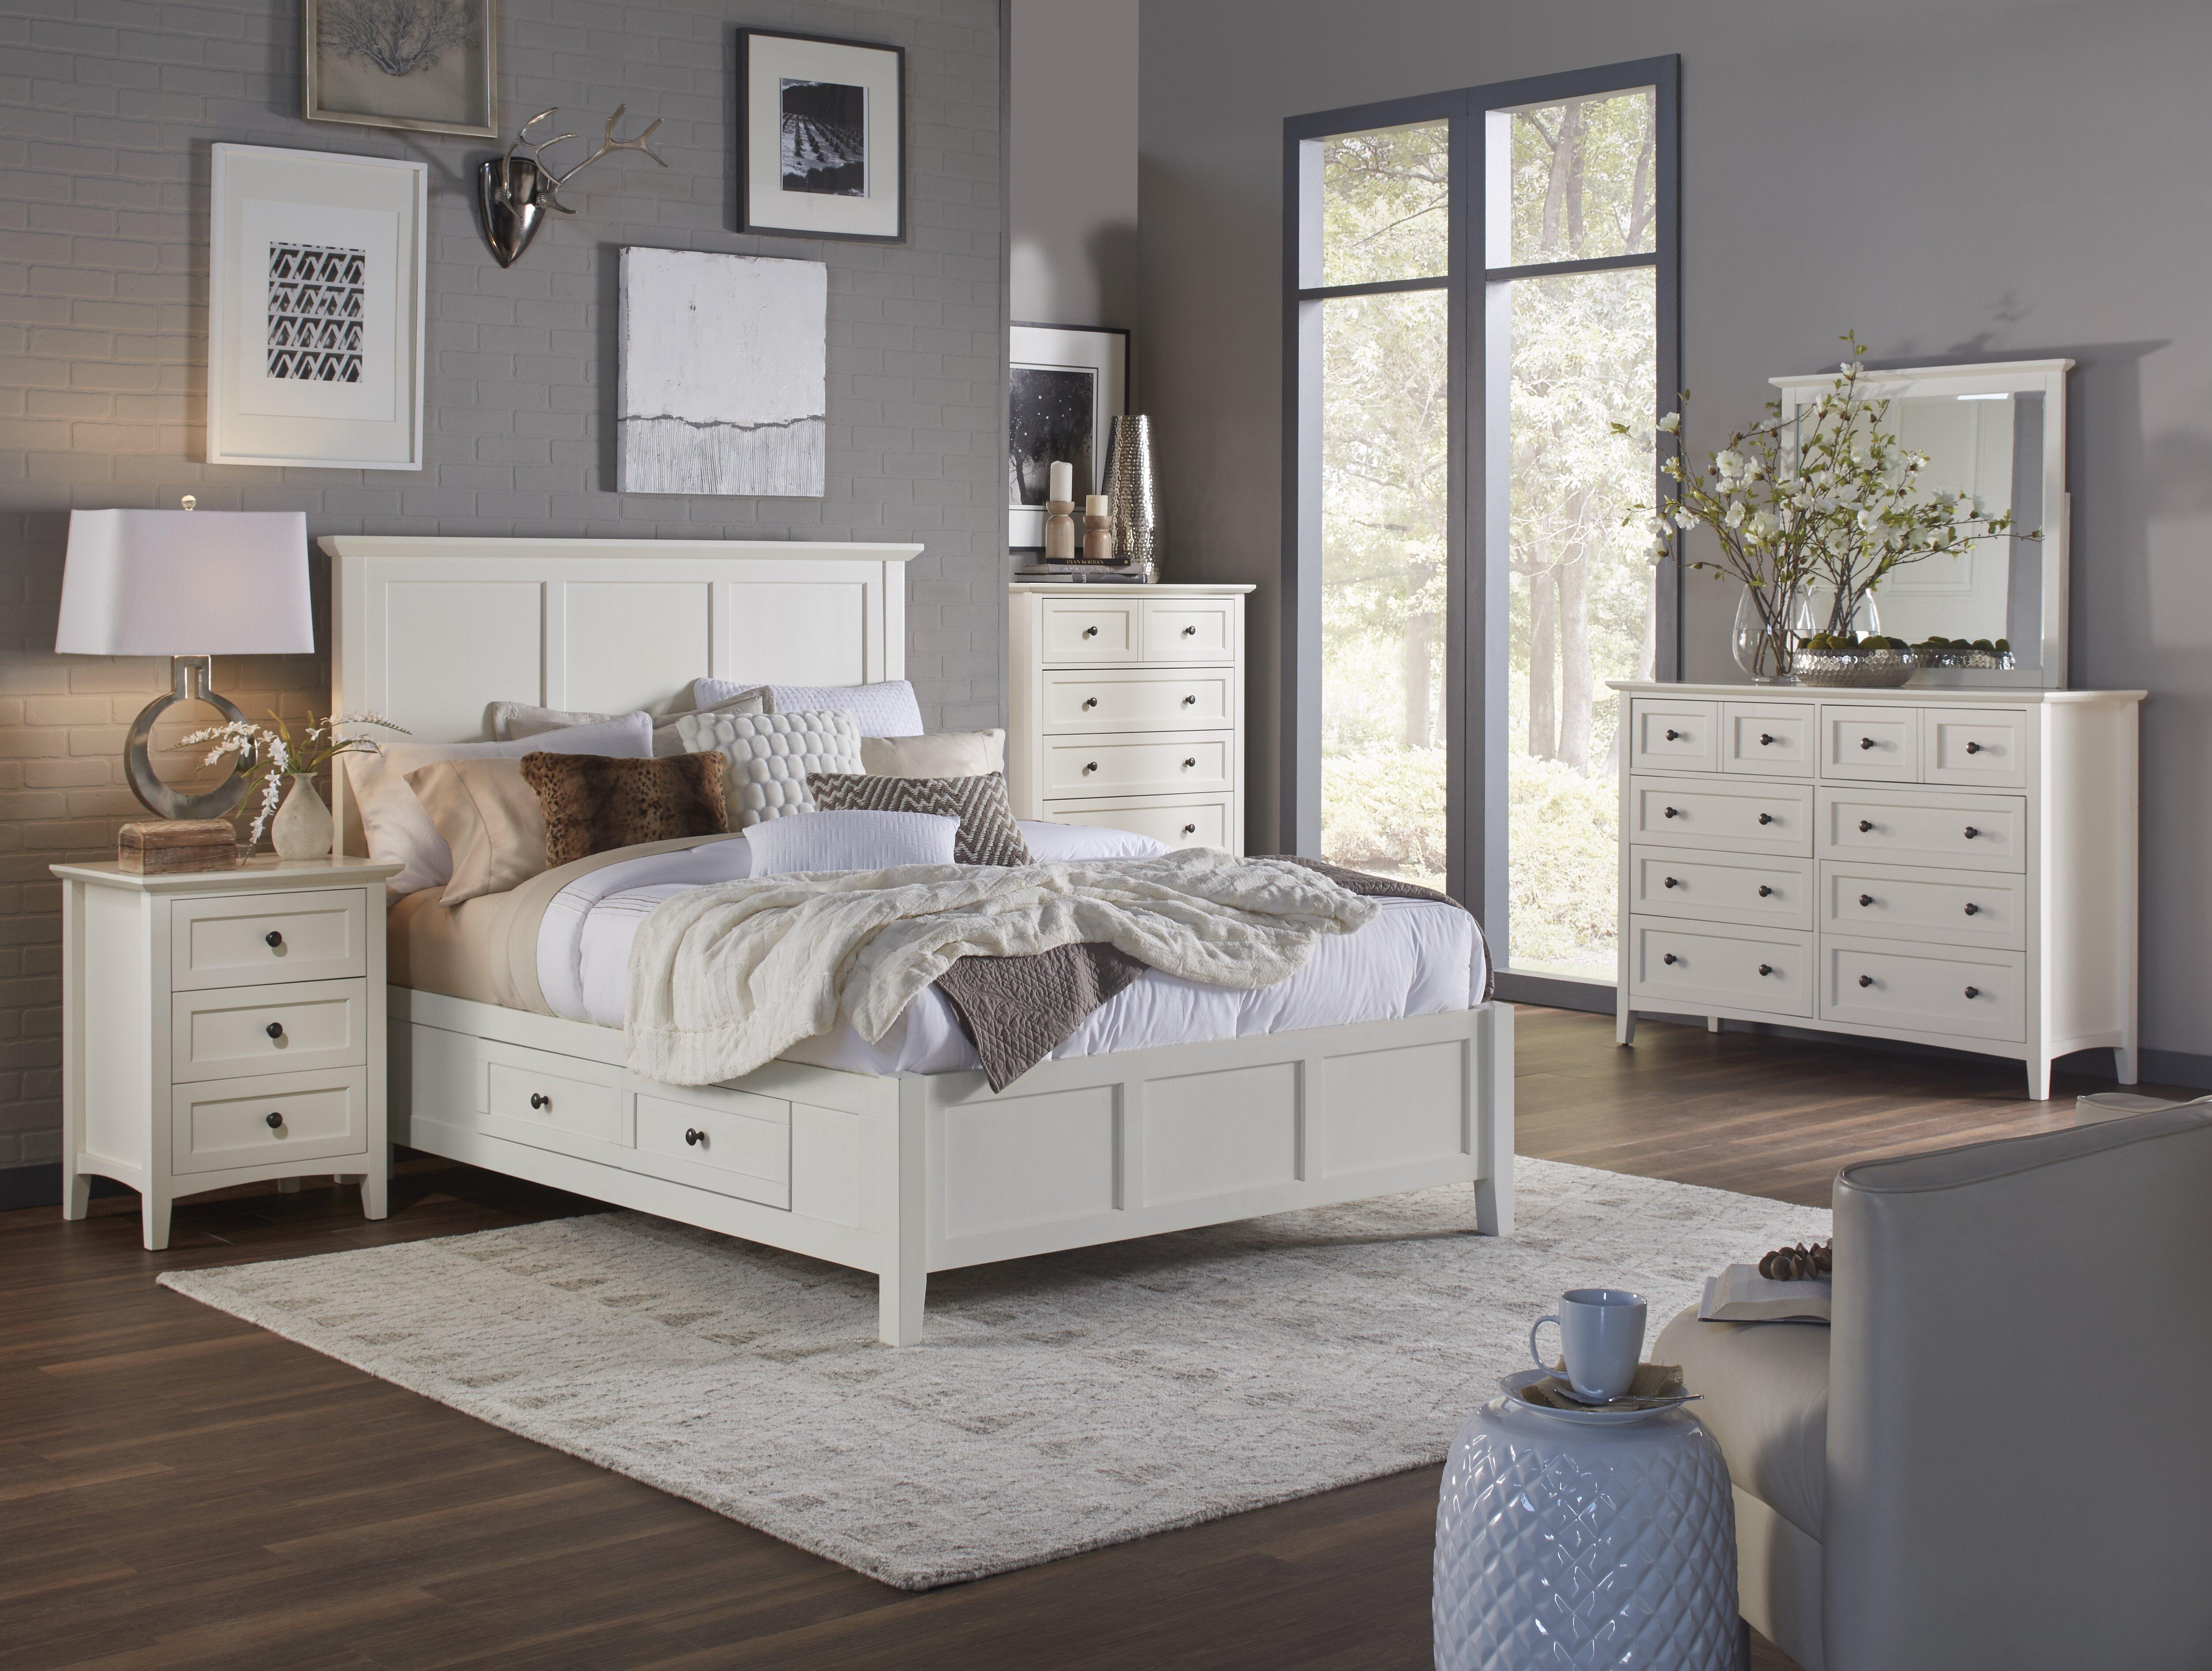 Zeppelin Storage Standard Configurable Bedroom Set & Reviews | Birch ...